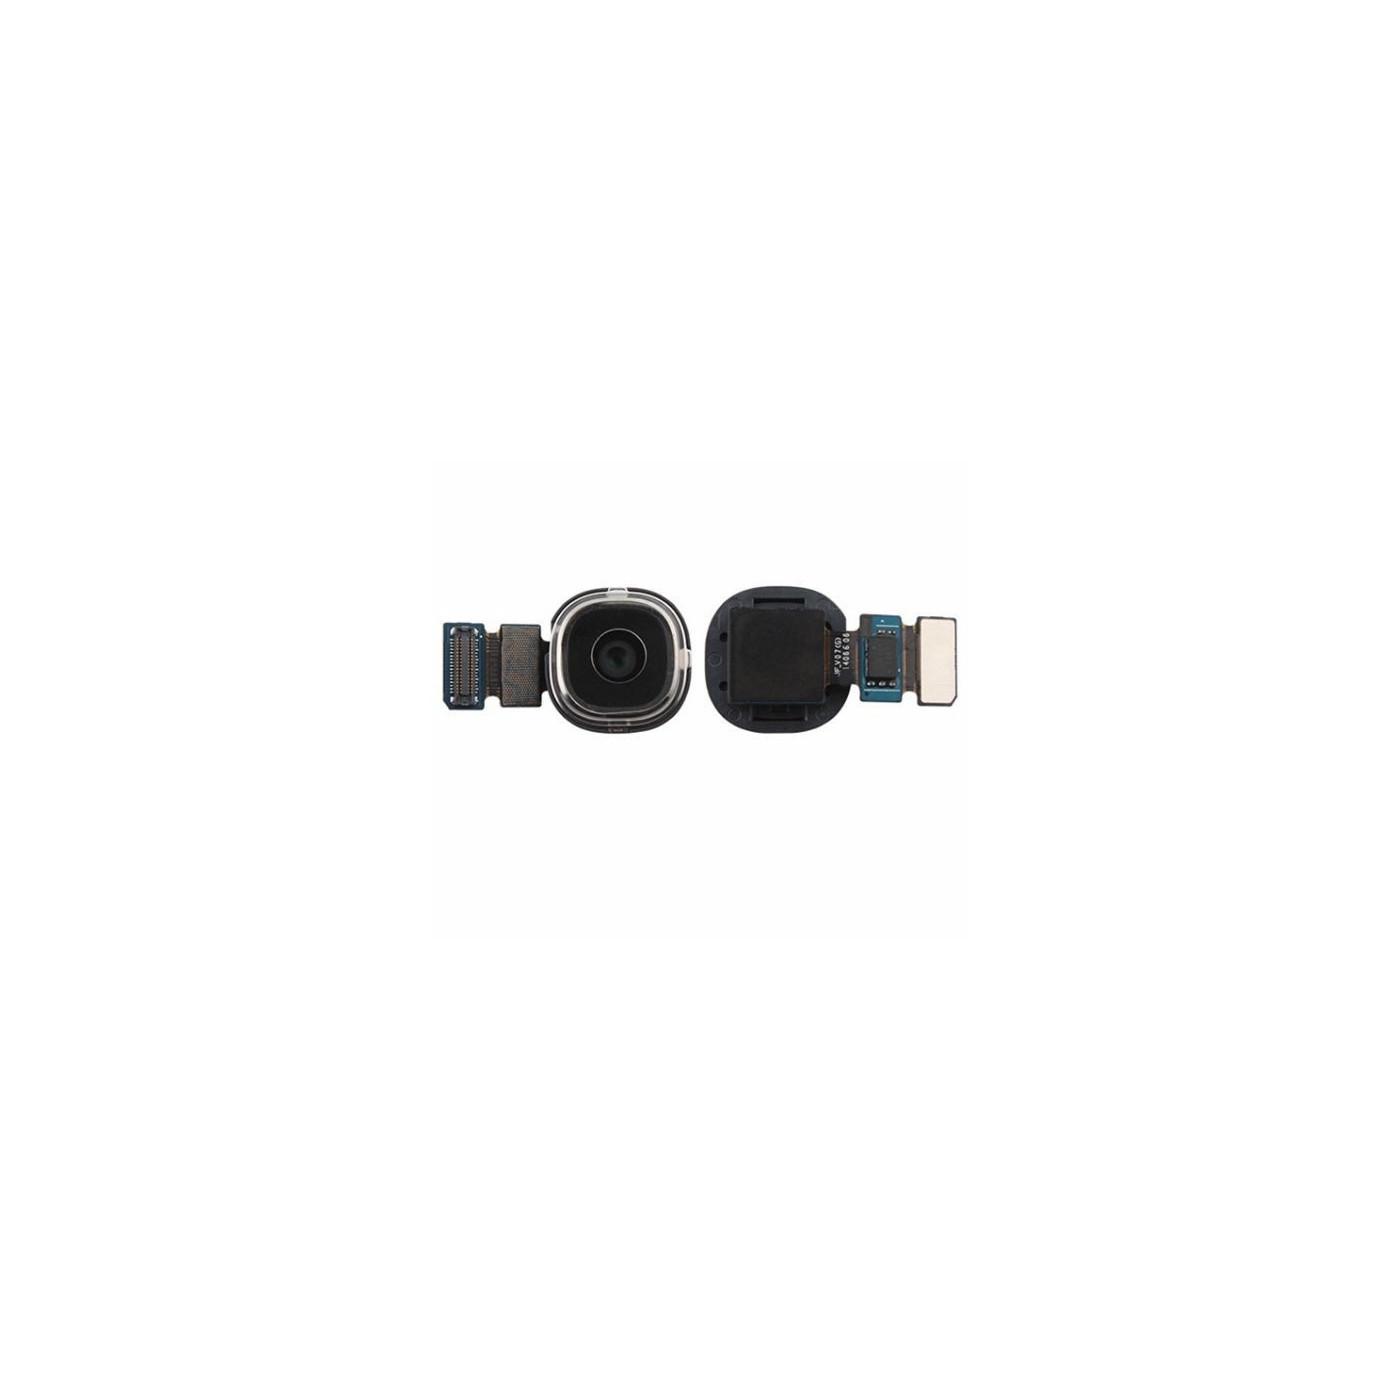 Caméra arrière pour samsung galaxy s4 i9505 verso 13 mpx